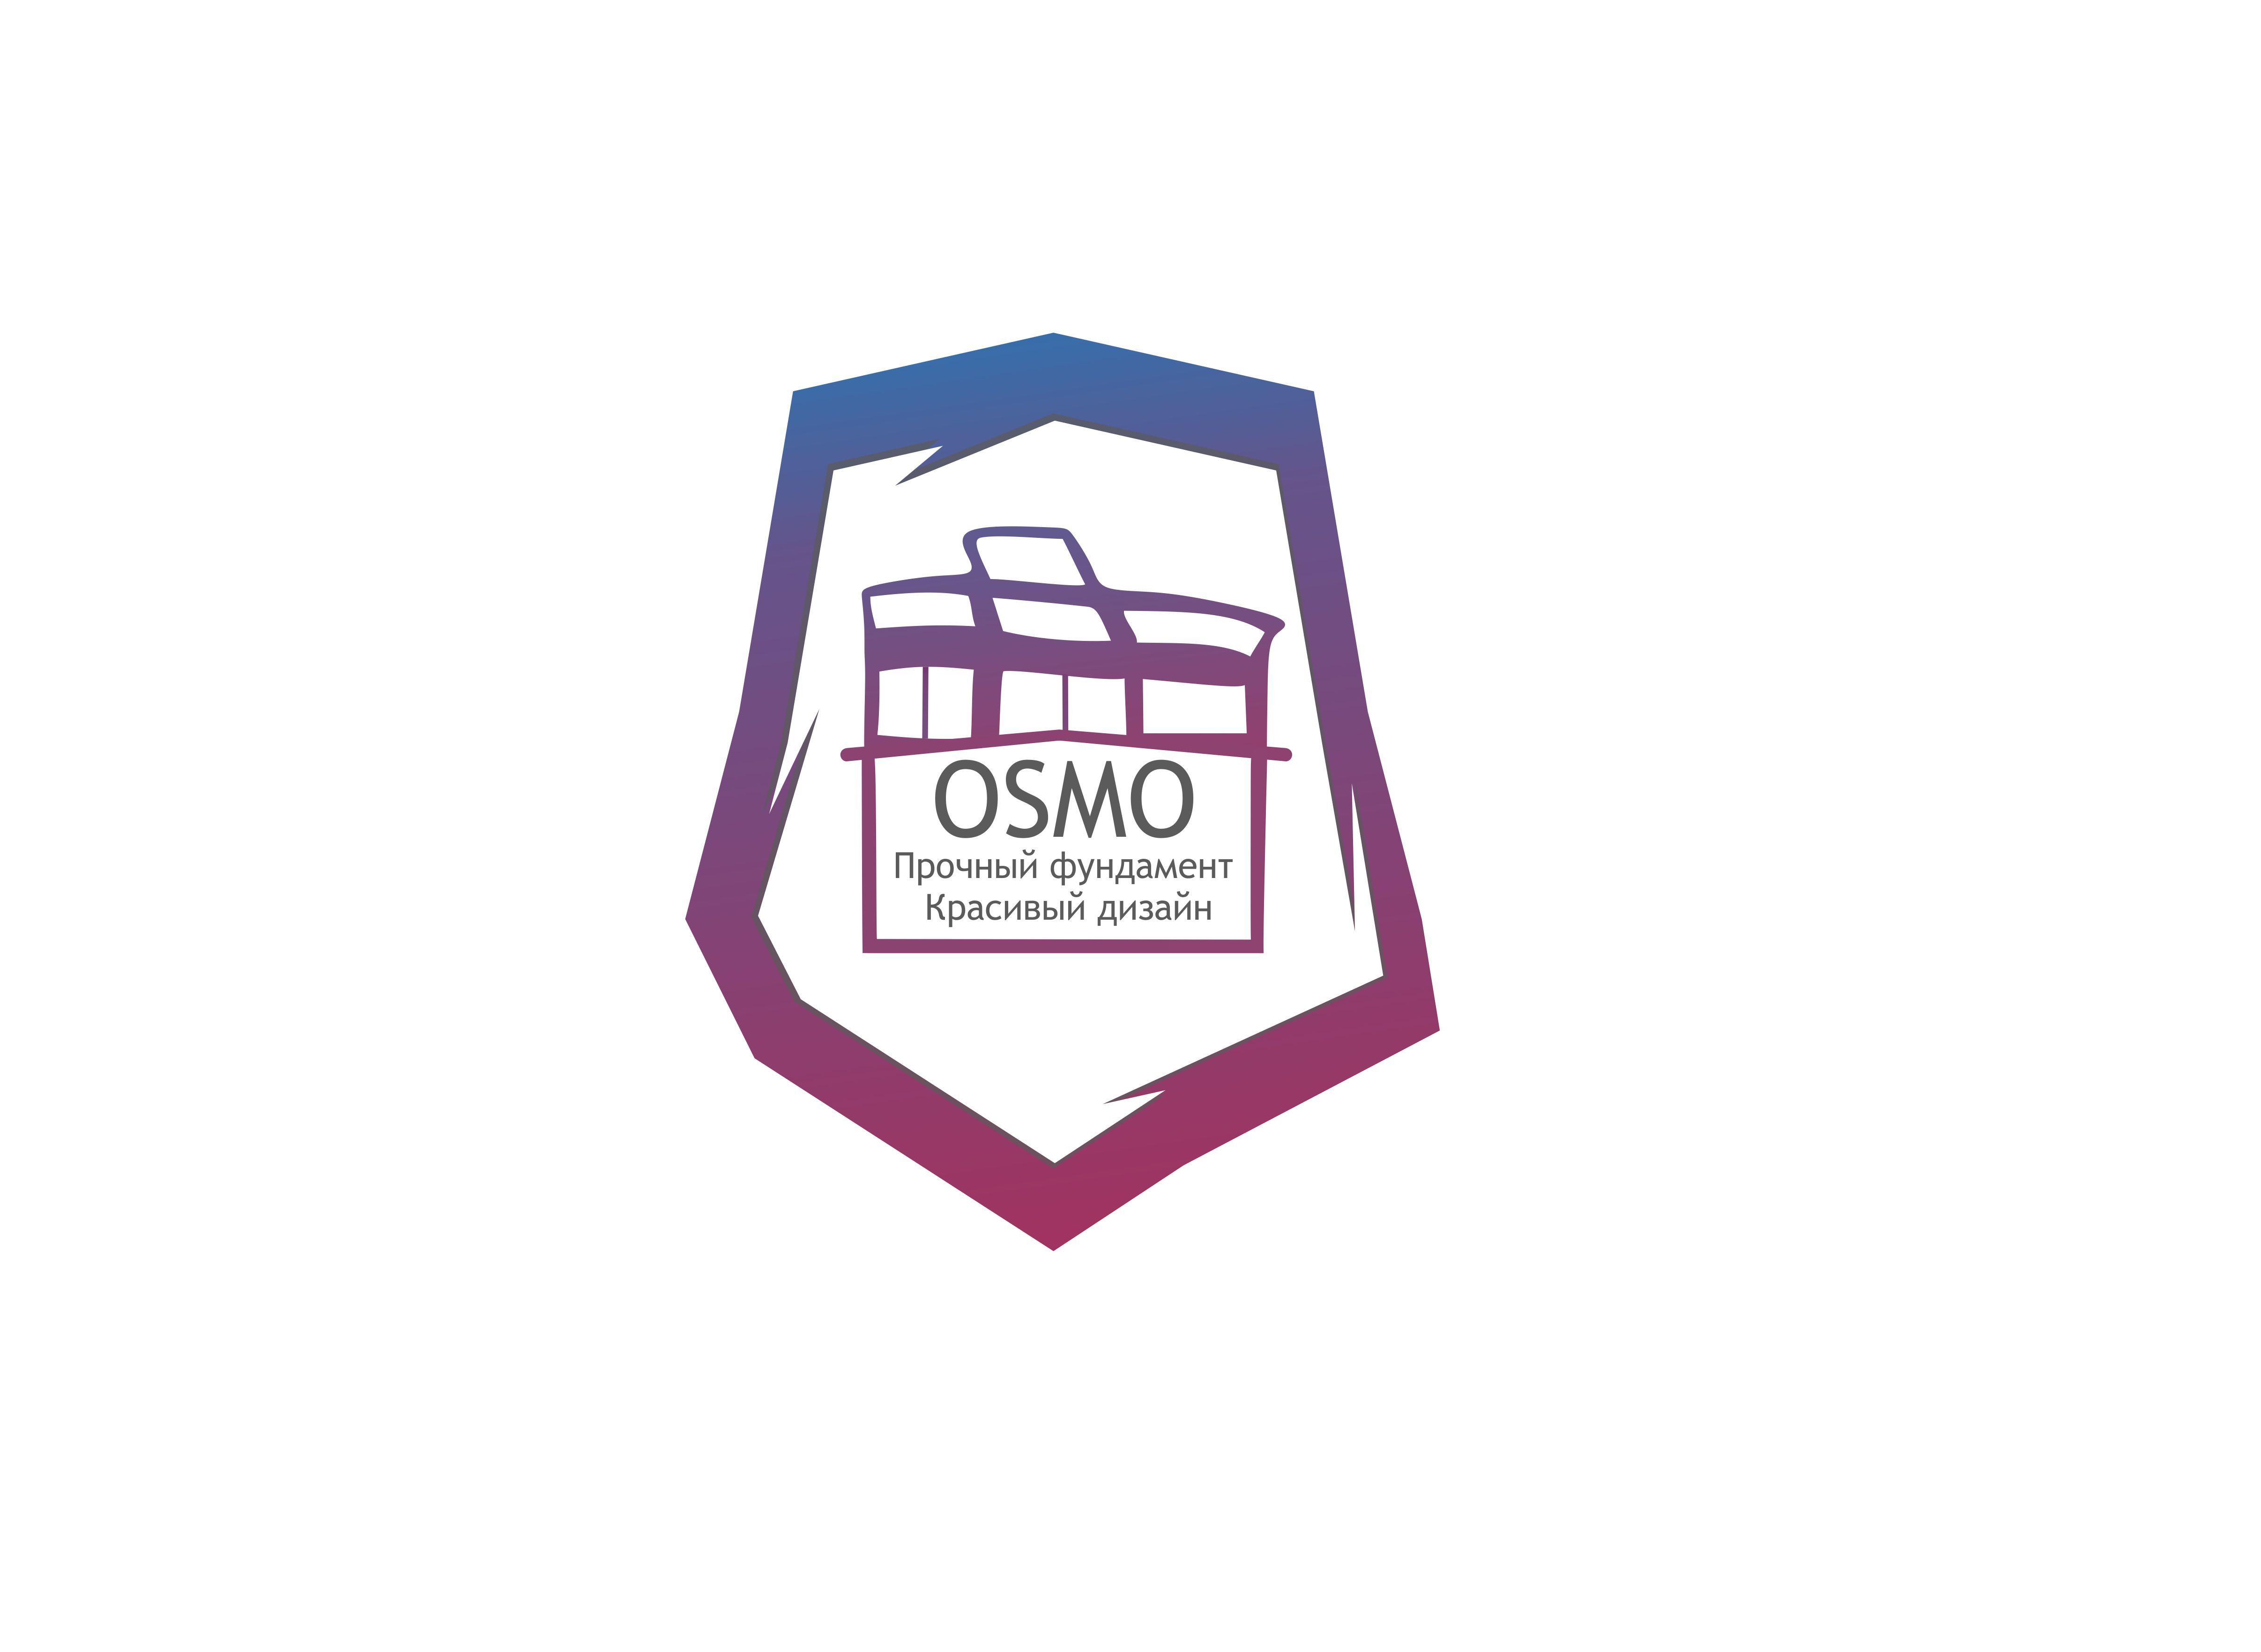 Создание логотипа для строительной компании OSMO group  фото f_02159b5439b166c5.jpg